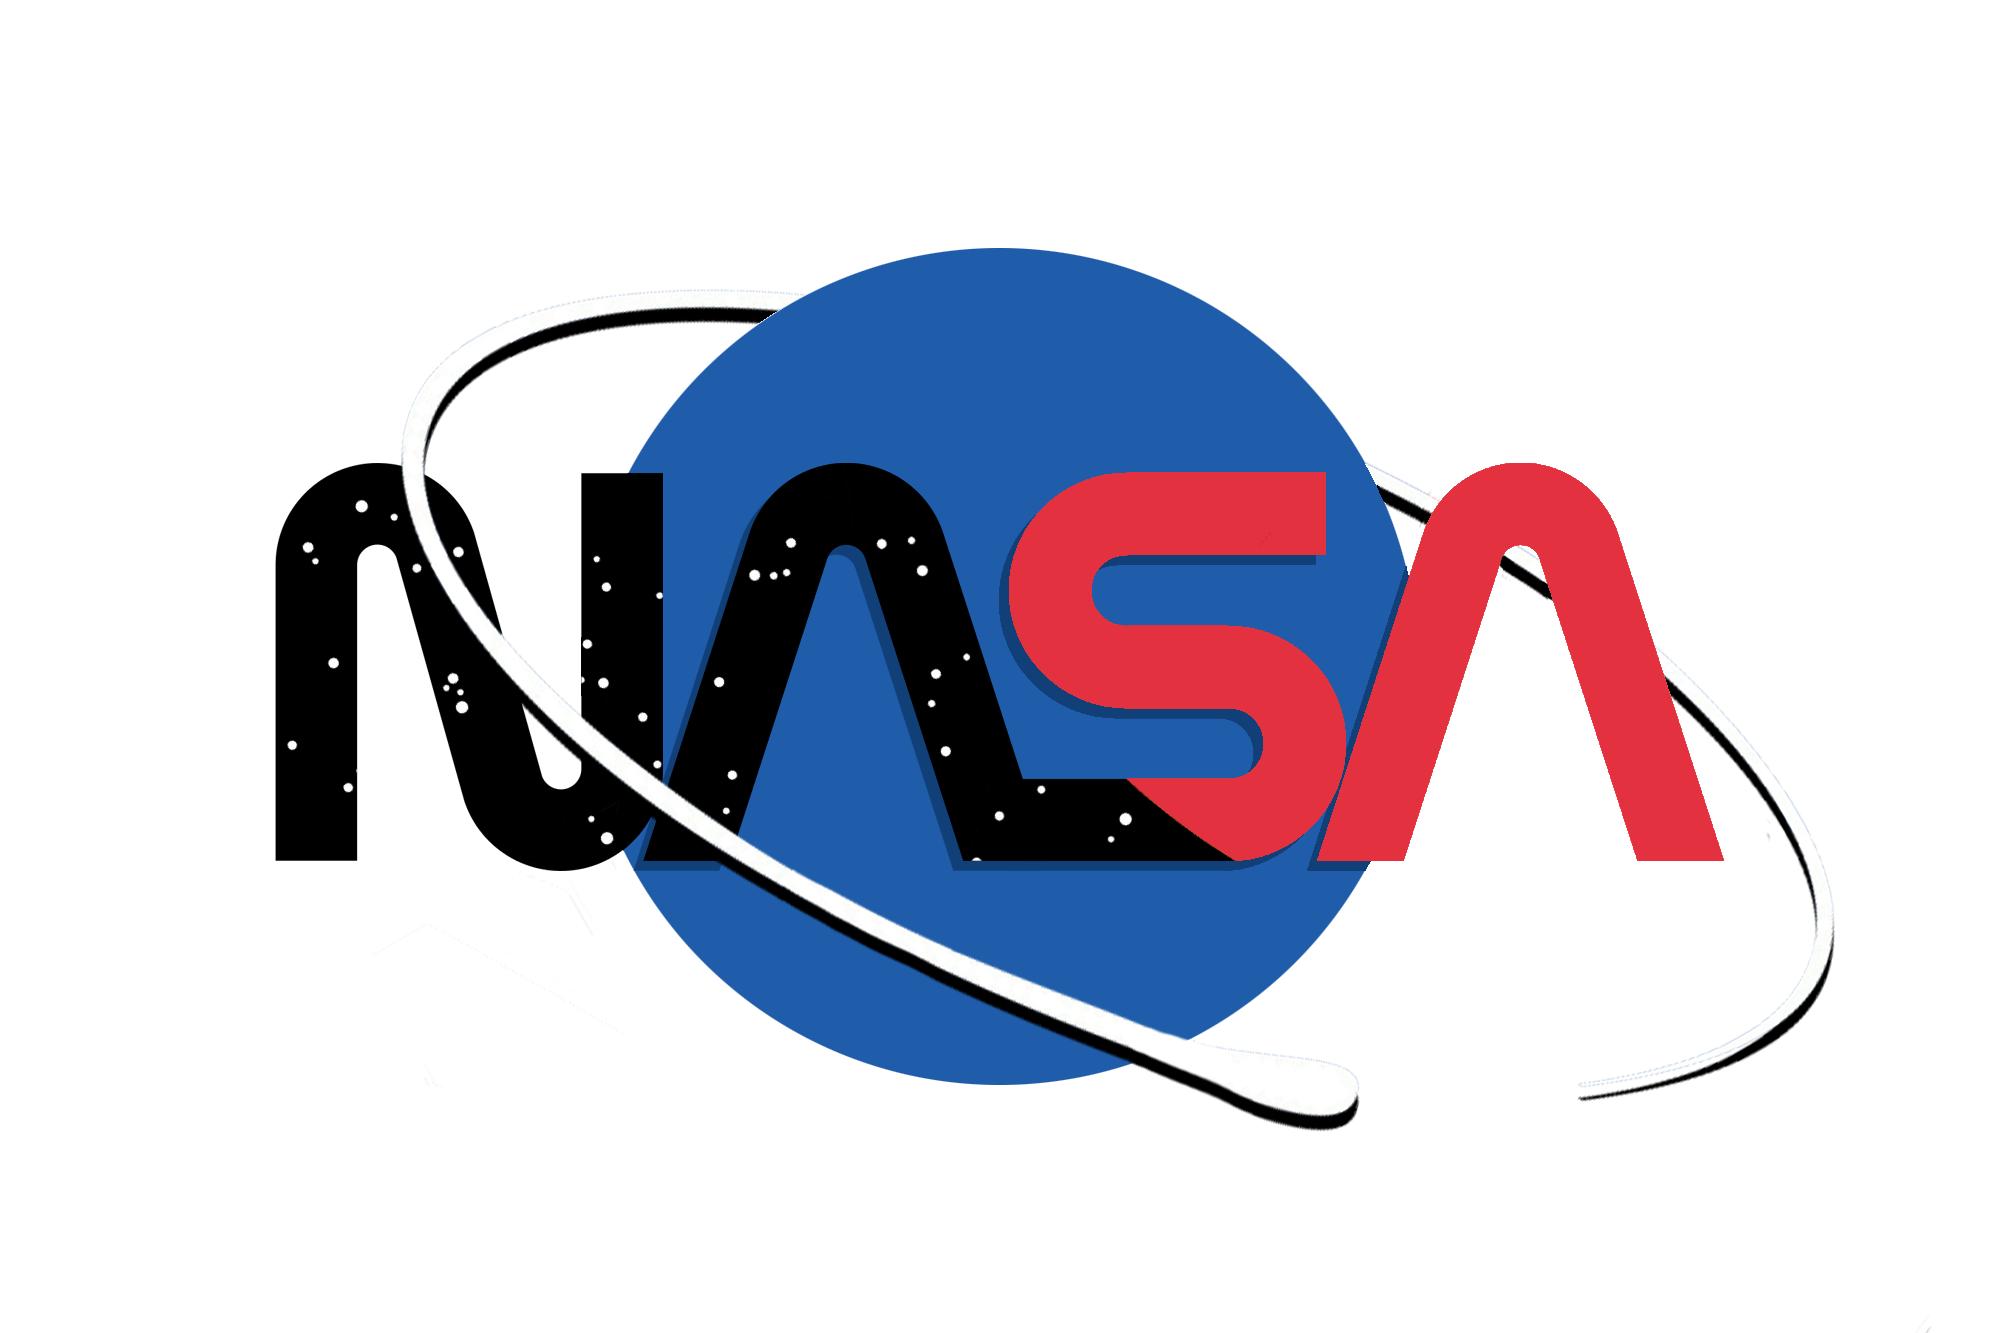 Nasa Logo Vector at GetDrawings.com.